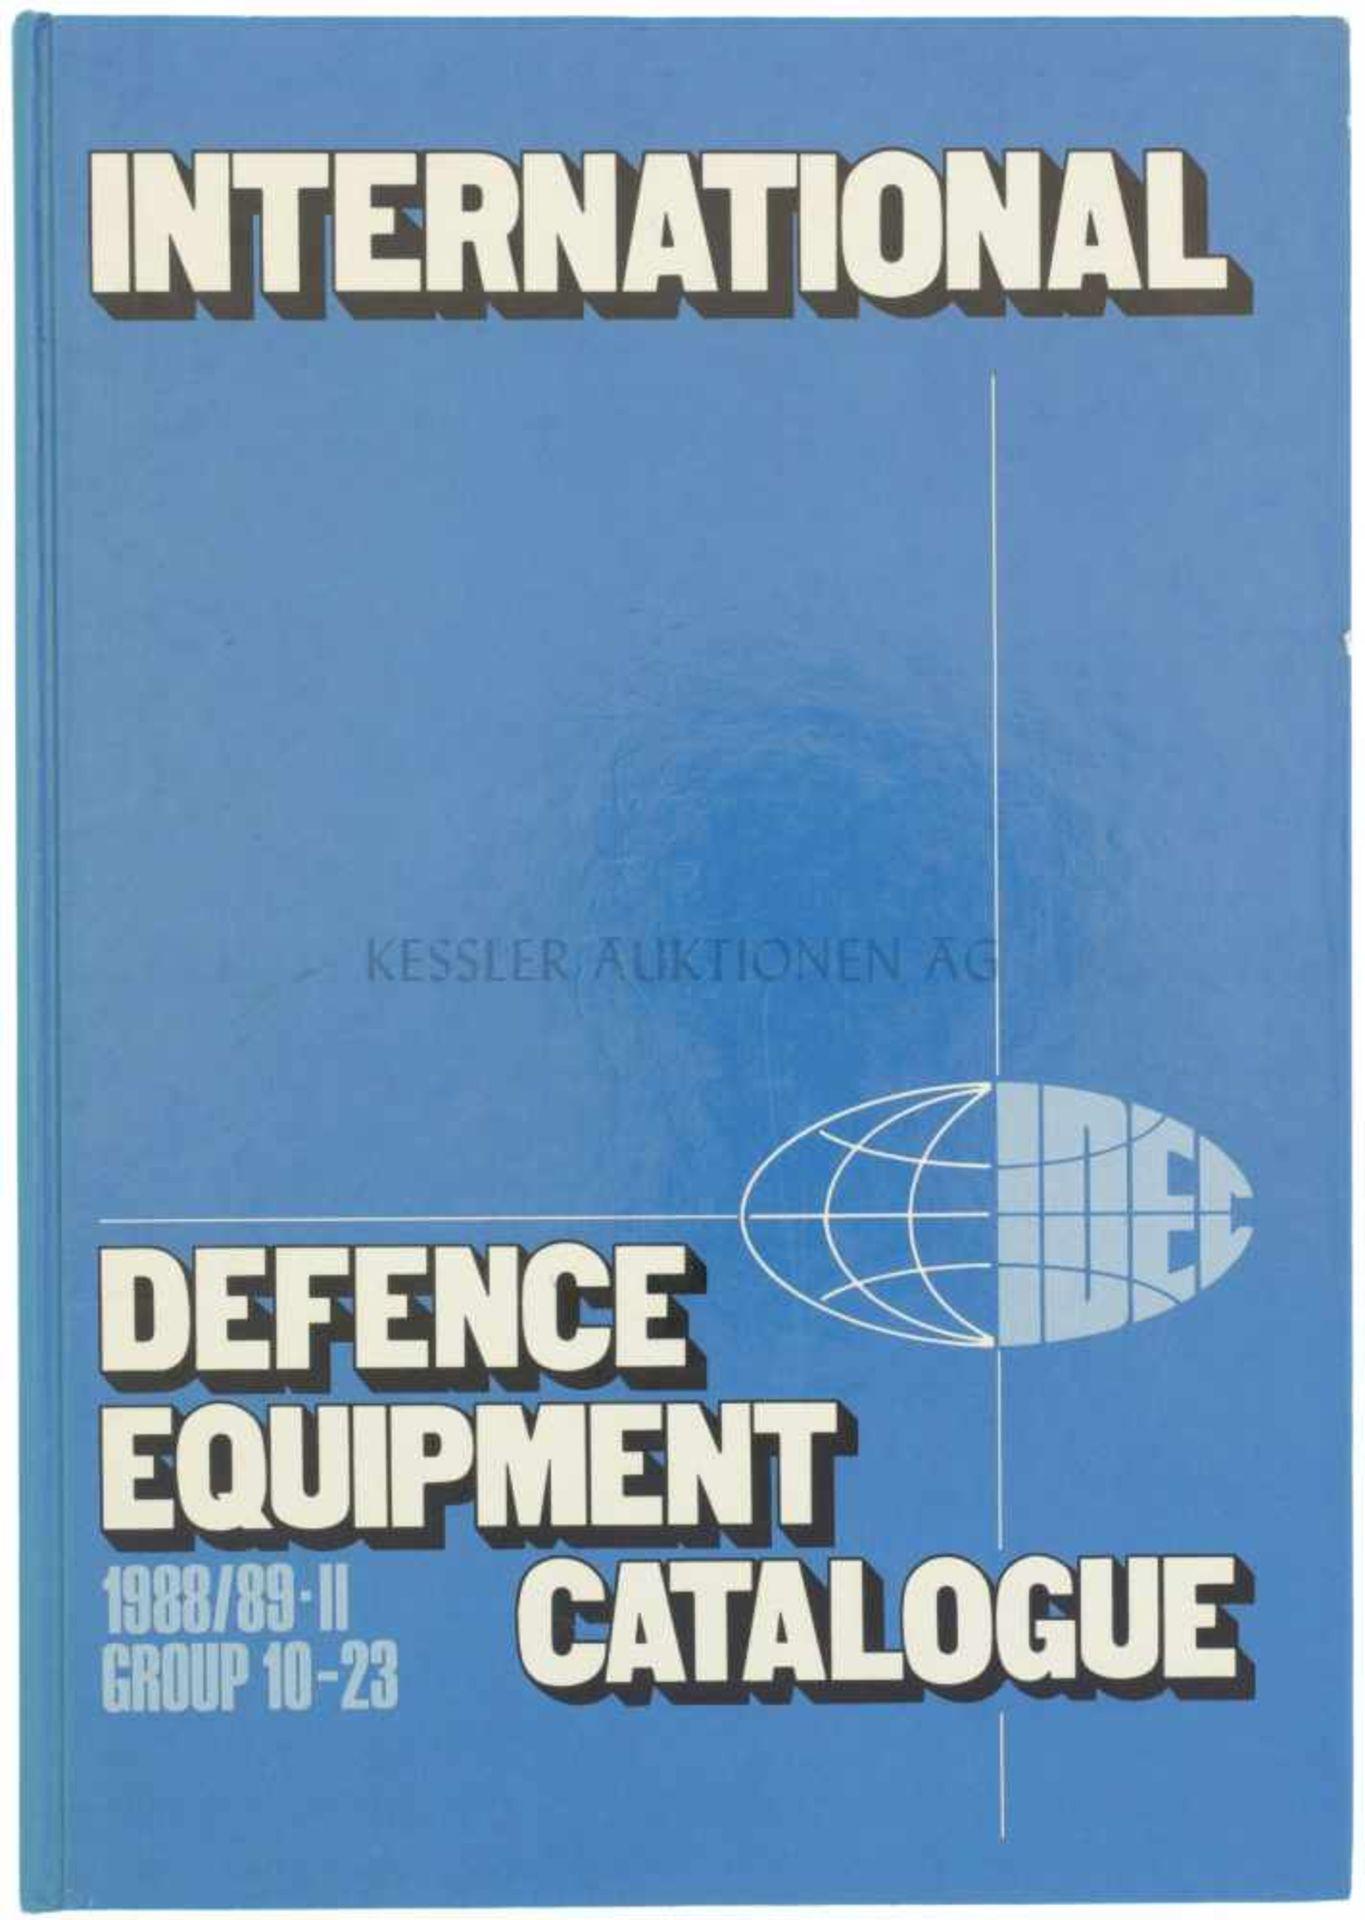 International Defence Equipment Catalogue, 1988/89-II, Group 10-23 Volume 2, 1988, 461 Seiten mit